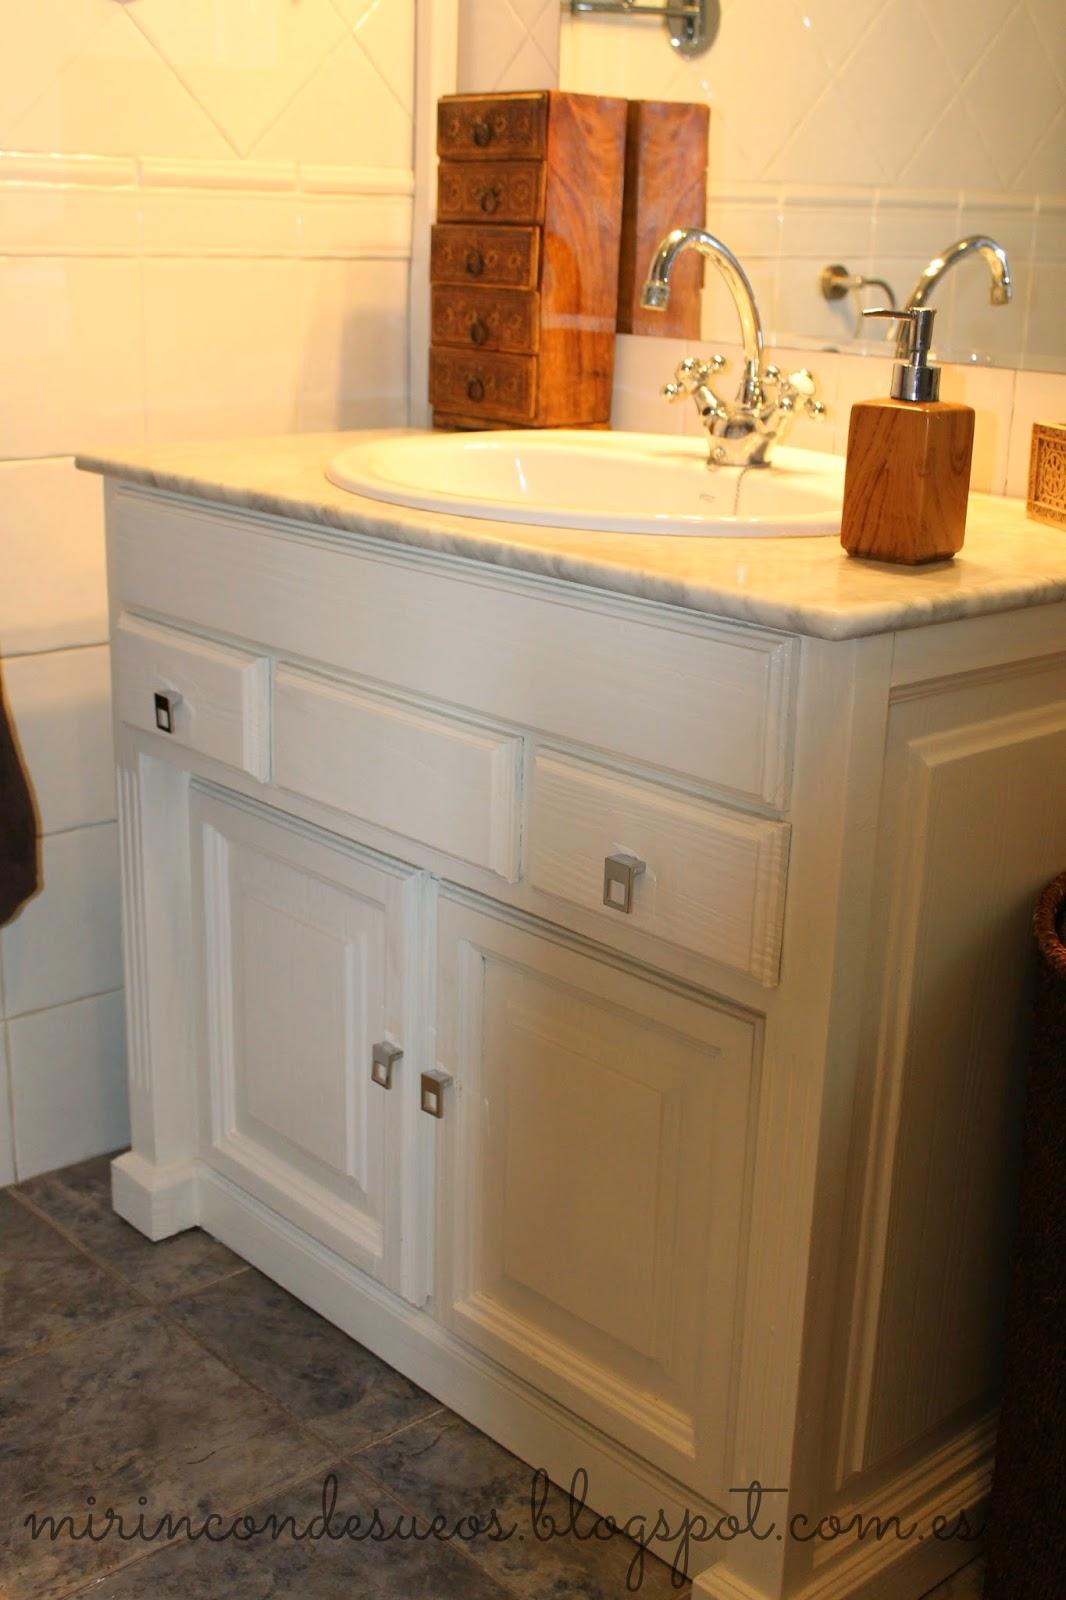 Restaurar Mueble De Bao Finest No S Porqu No Sali La Foto With  # Muebles De Bano Look